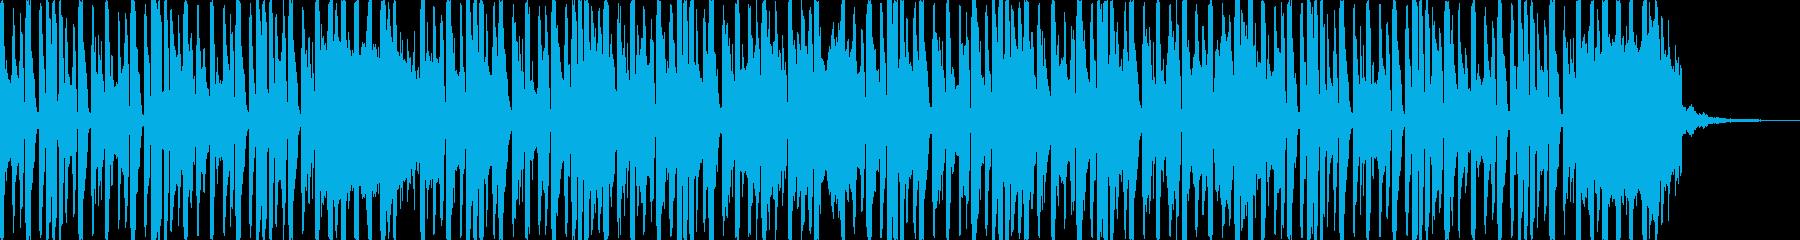 コミカルでかわいいエレクトロダンスの再生済みの波形